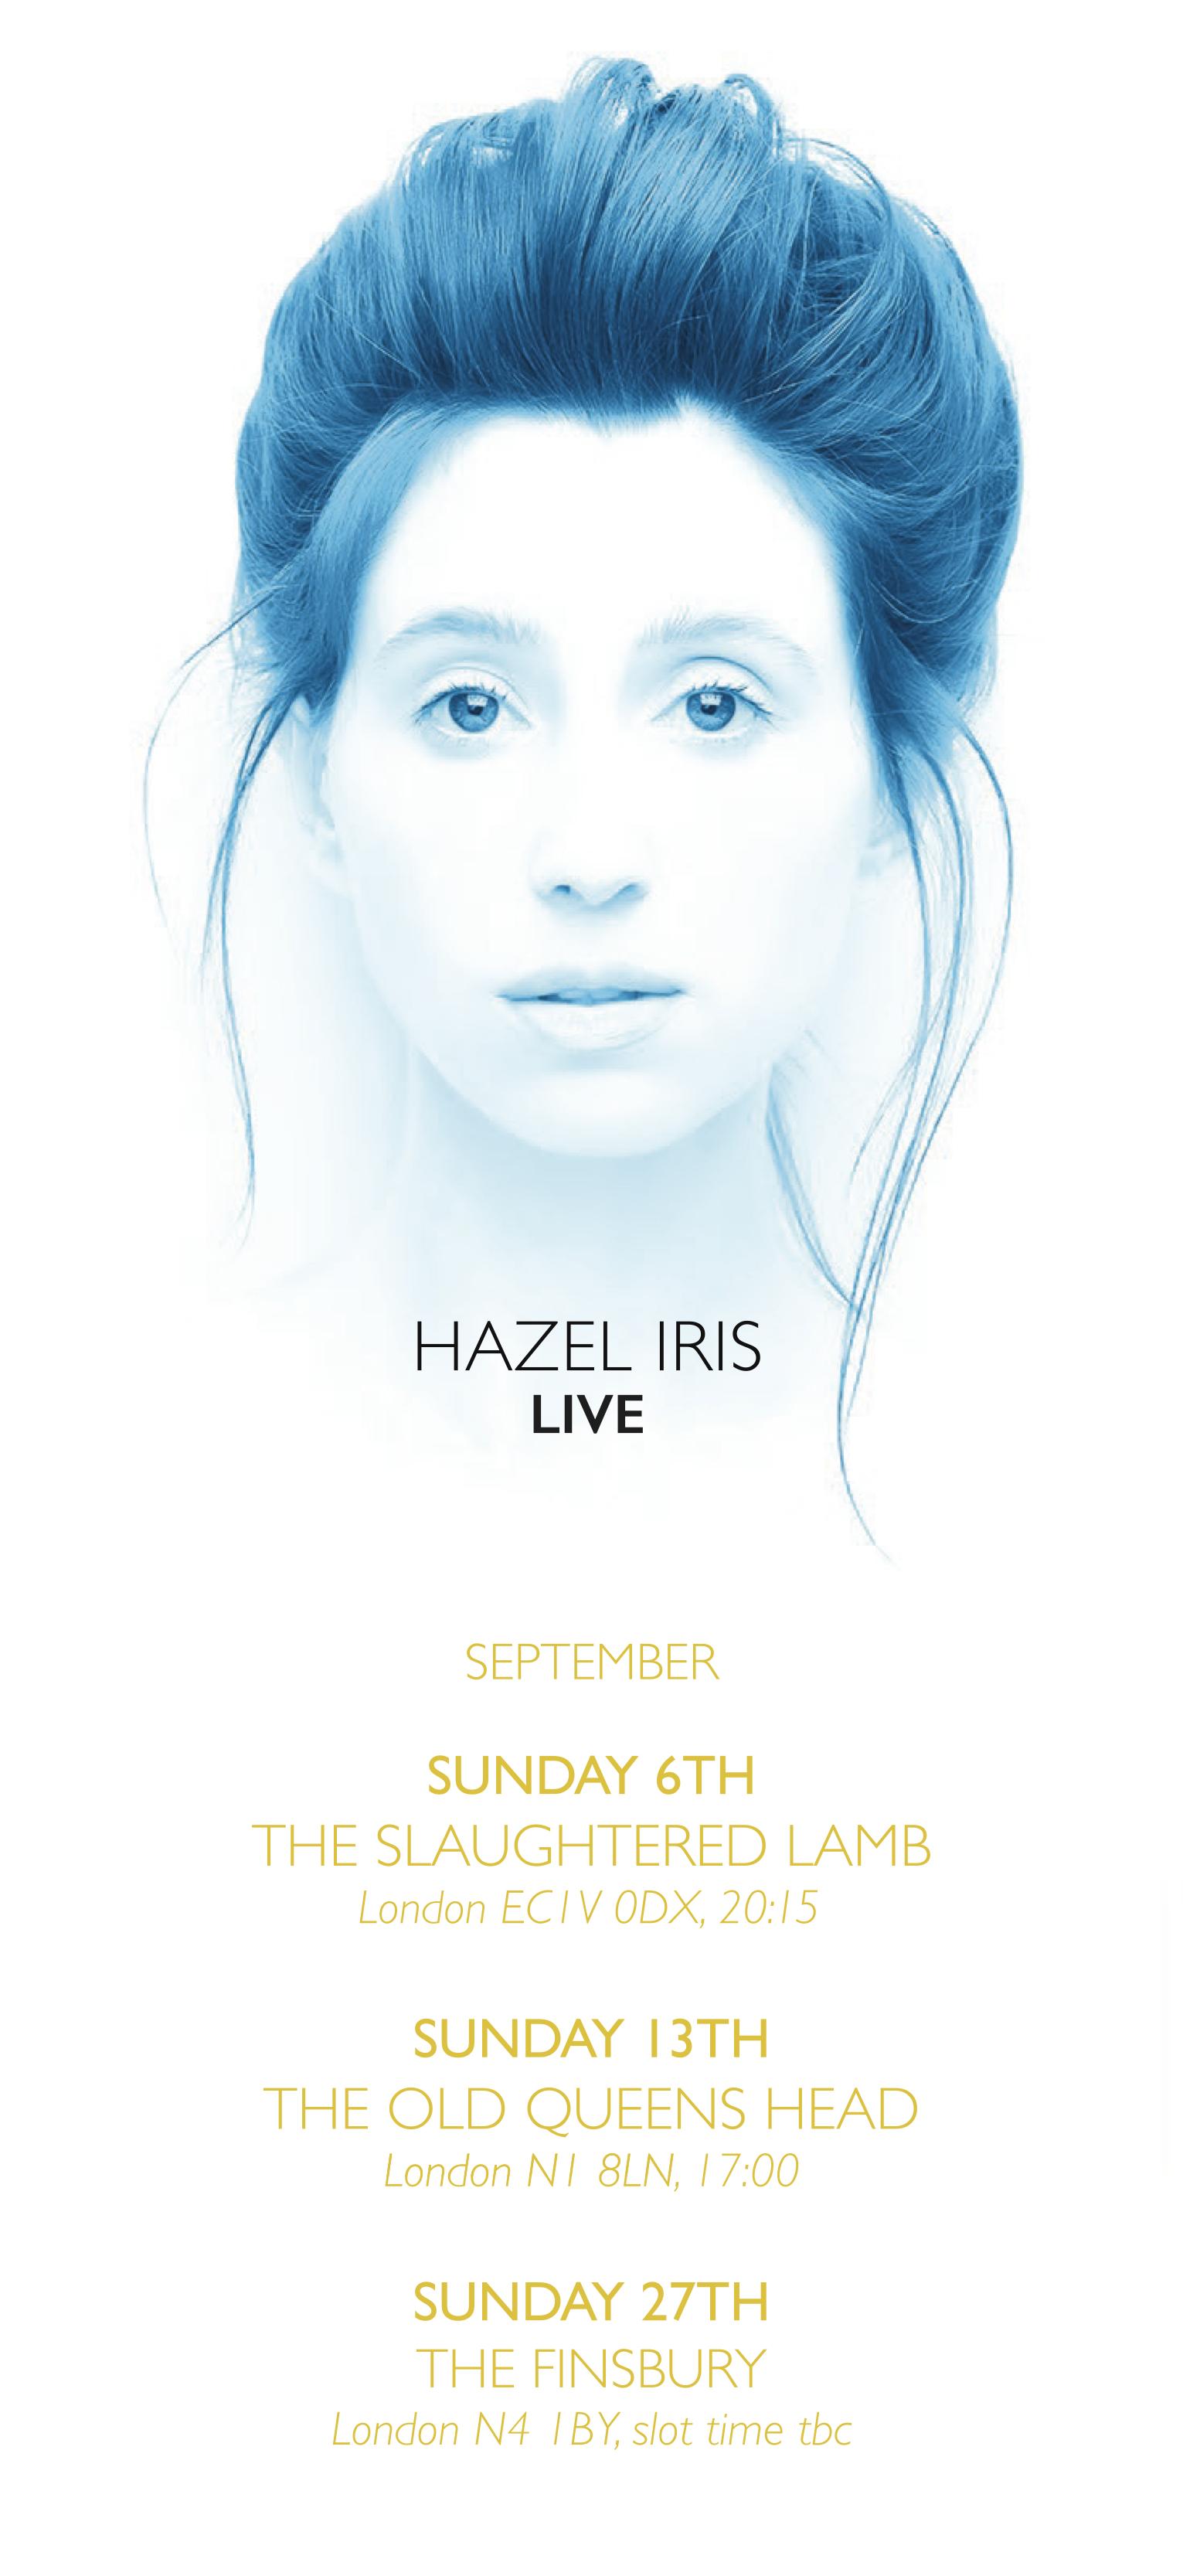 hazel iris_live_sept2015_v2